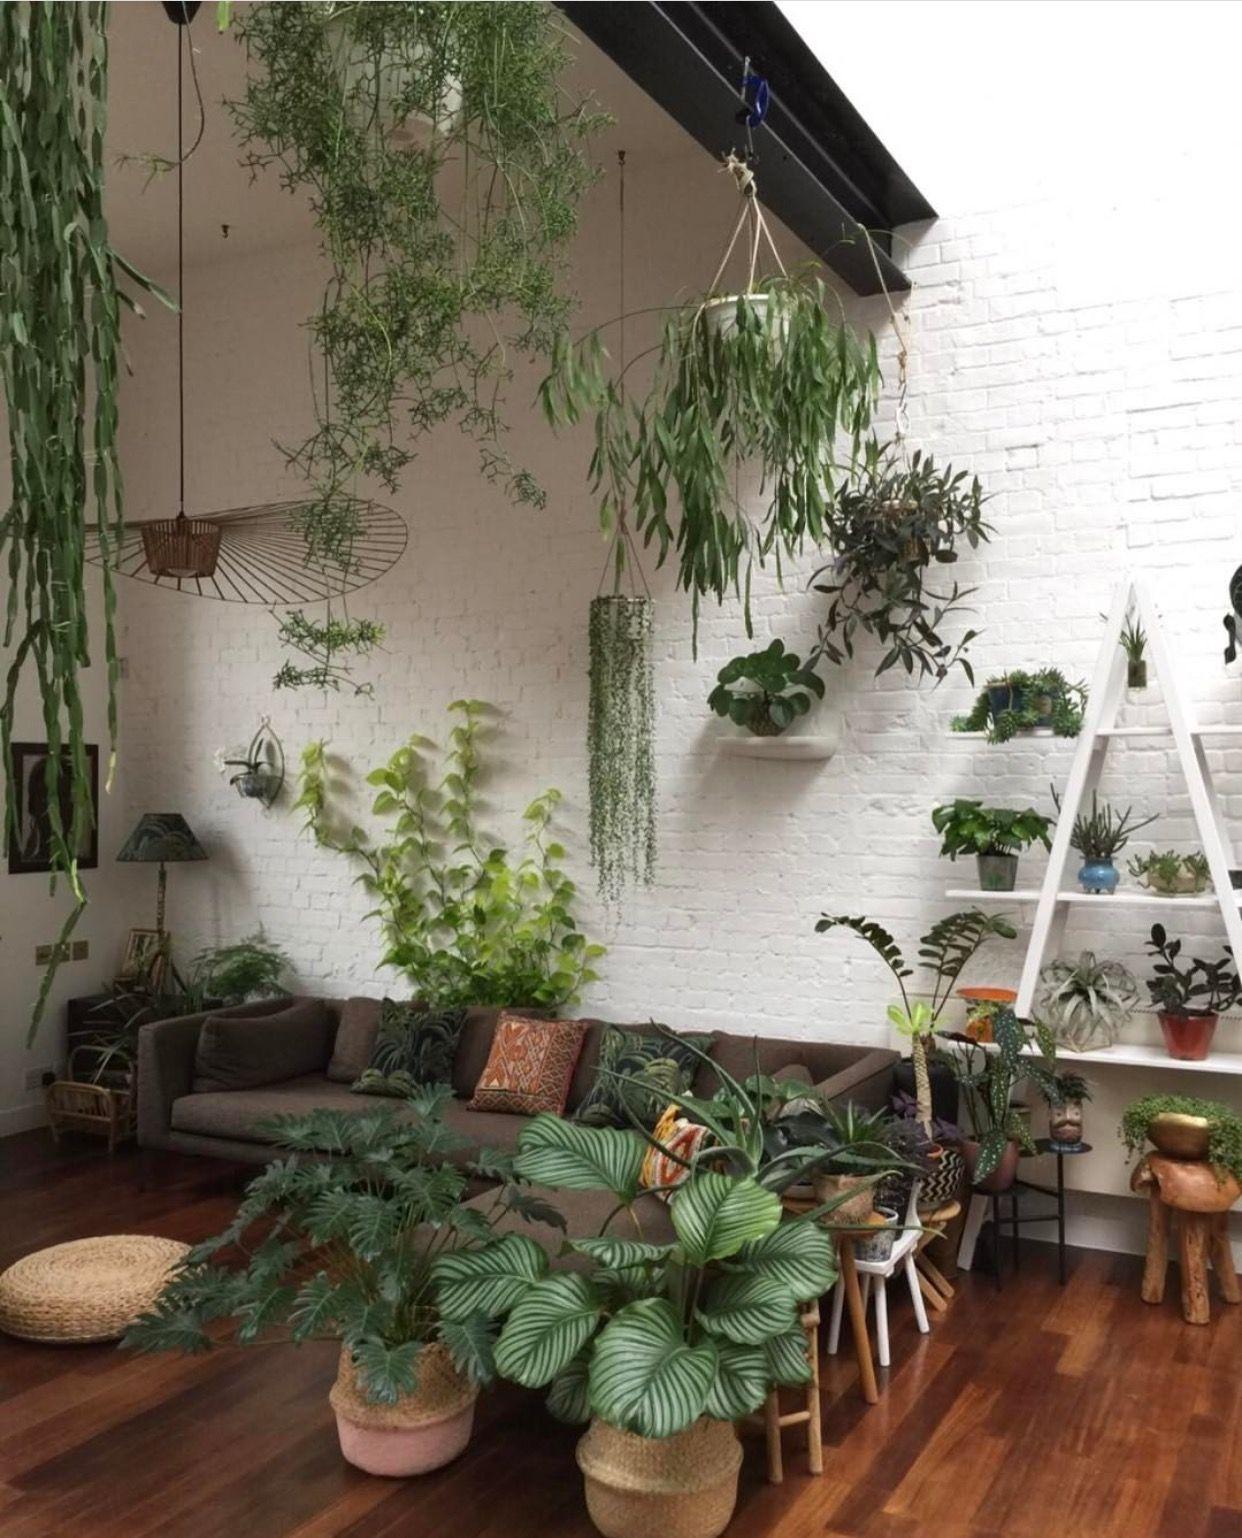 Pin de lizzet romero en green life balcon decoracion hogar y jard n interior - Hogar y jardin castellon ...